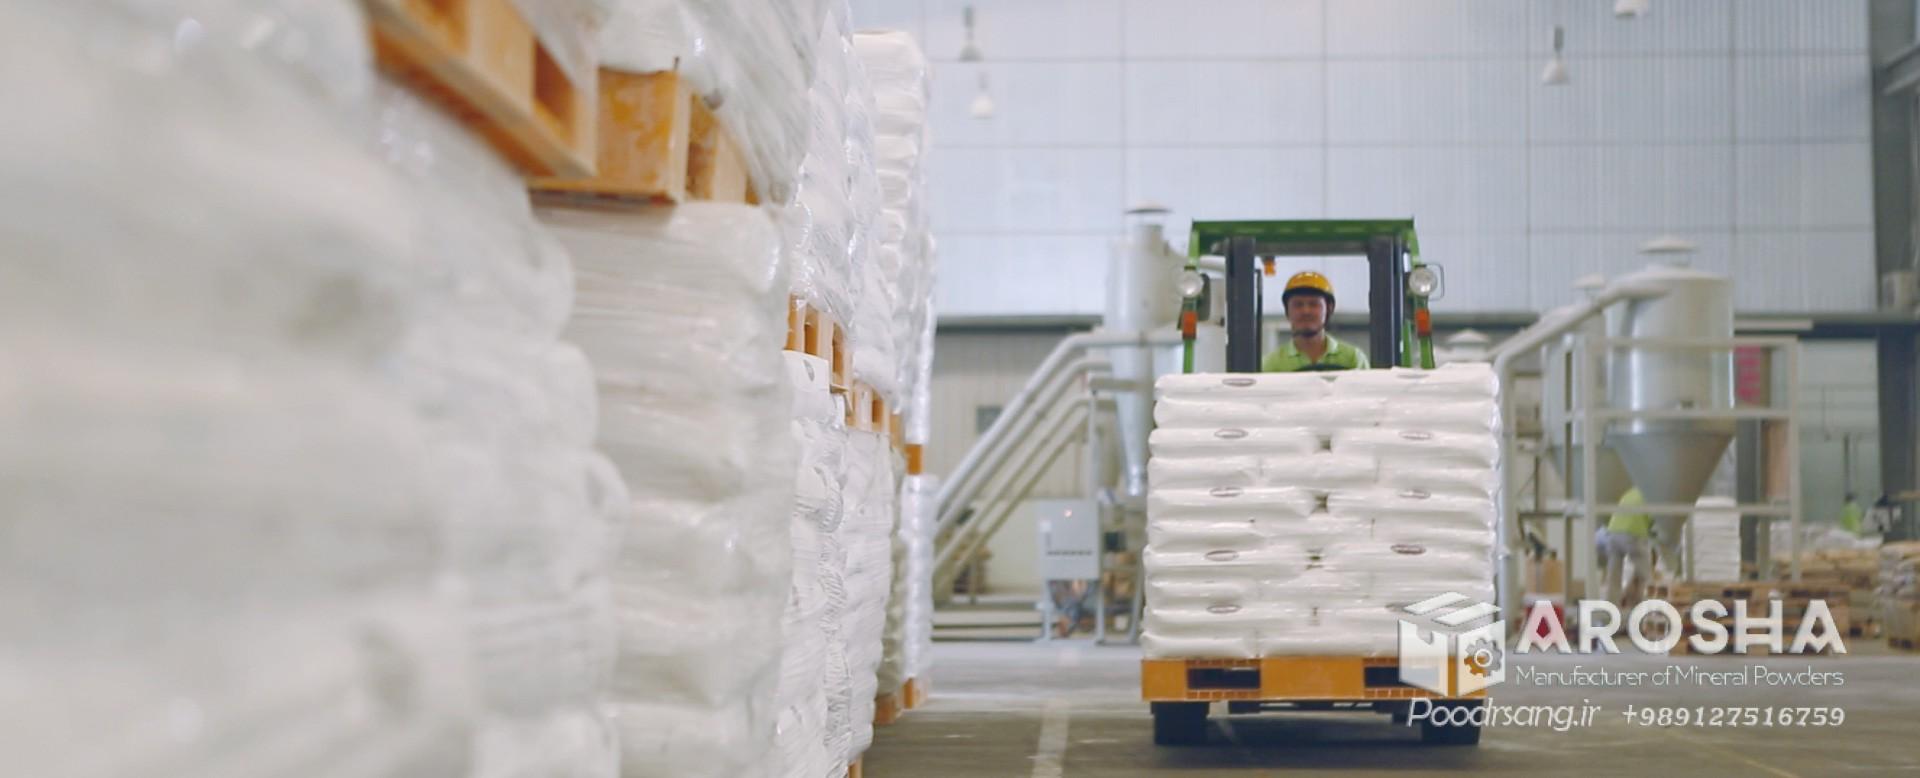 بازار خرید و فروش کربنات کلسیم در تبریز